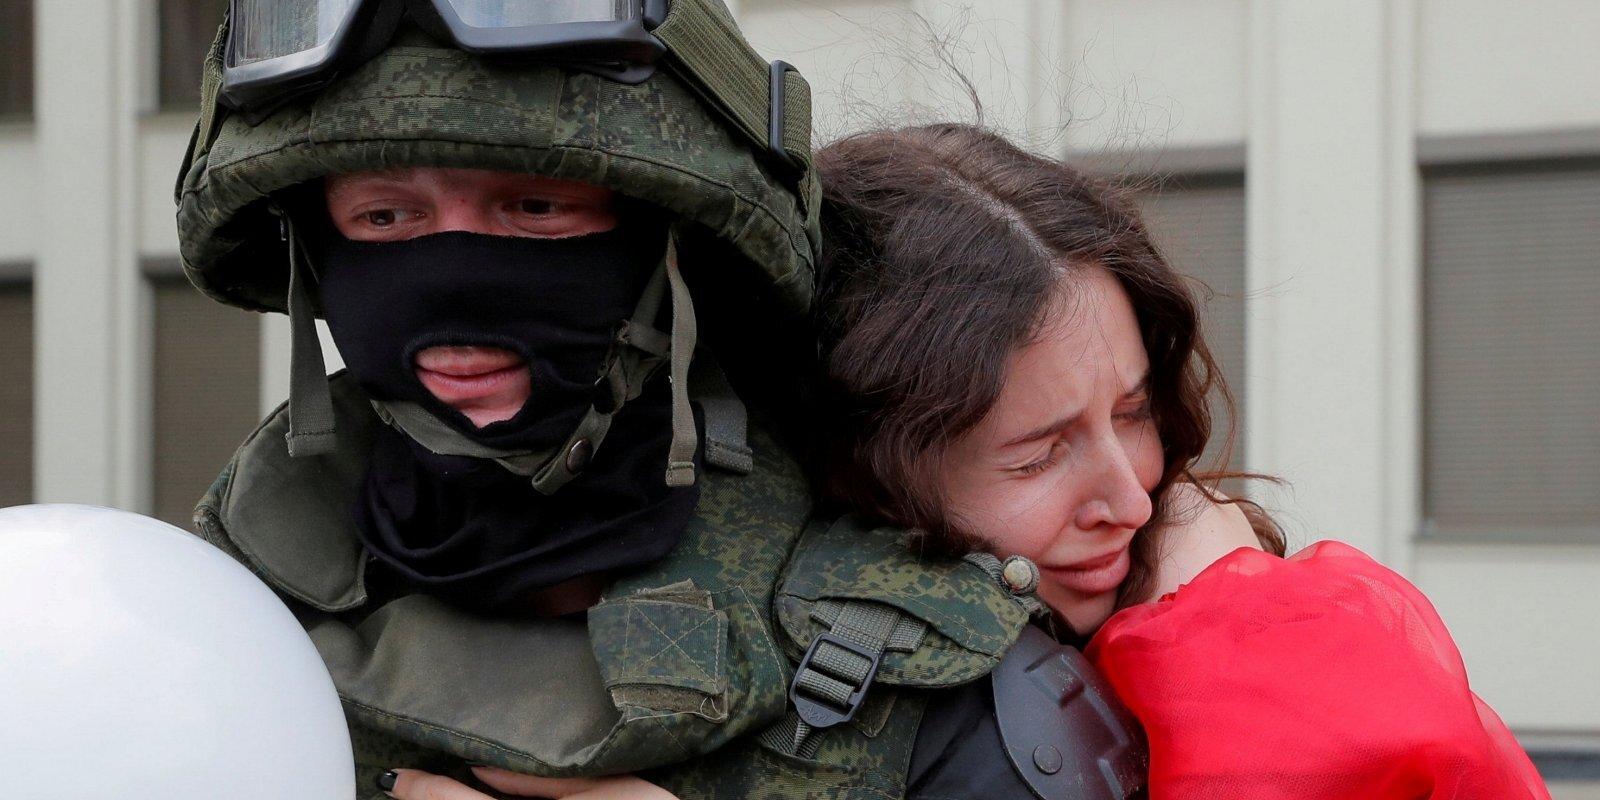 Sistēmā ir cilvēki, kas gatavi palīdzēt gāzt Lukašenko režīmu. Bijušais izmeklētājs intervijā 'Delfi'